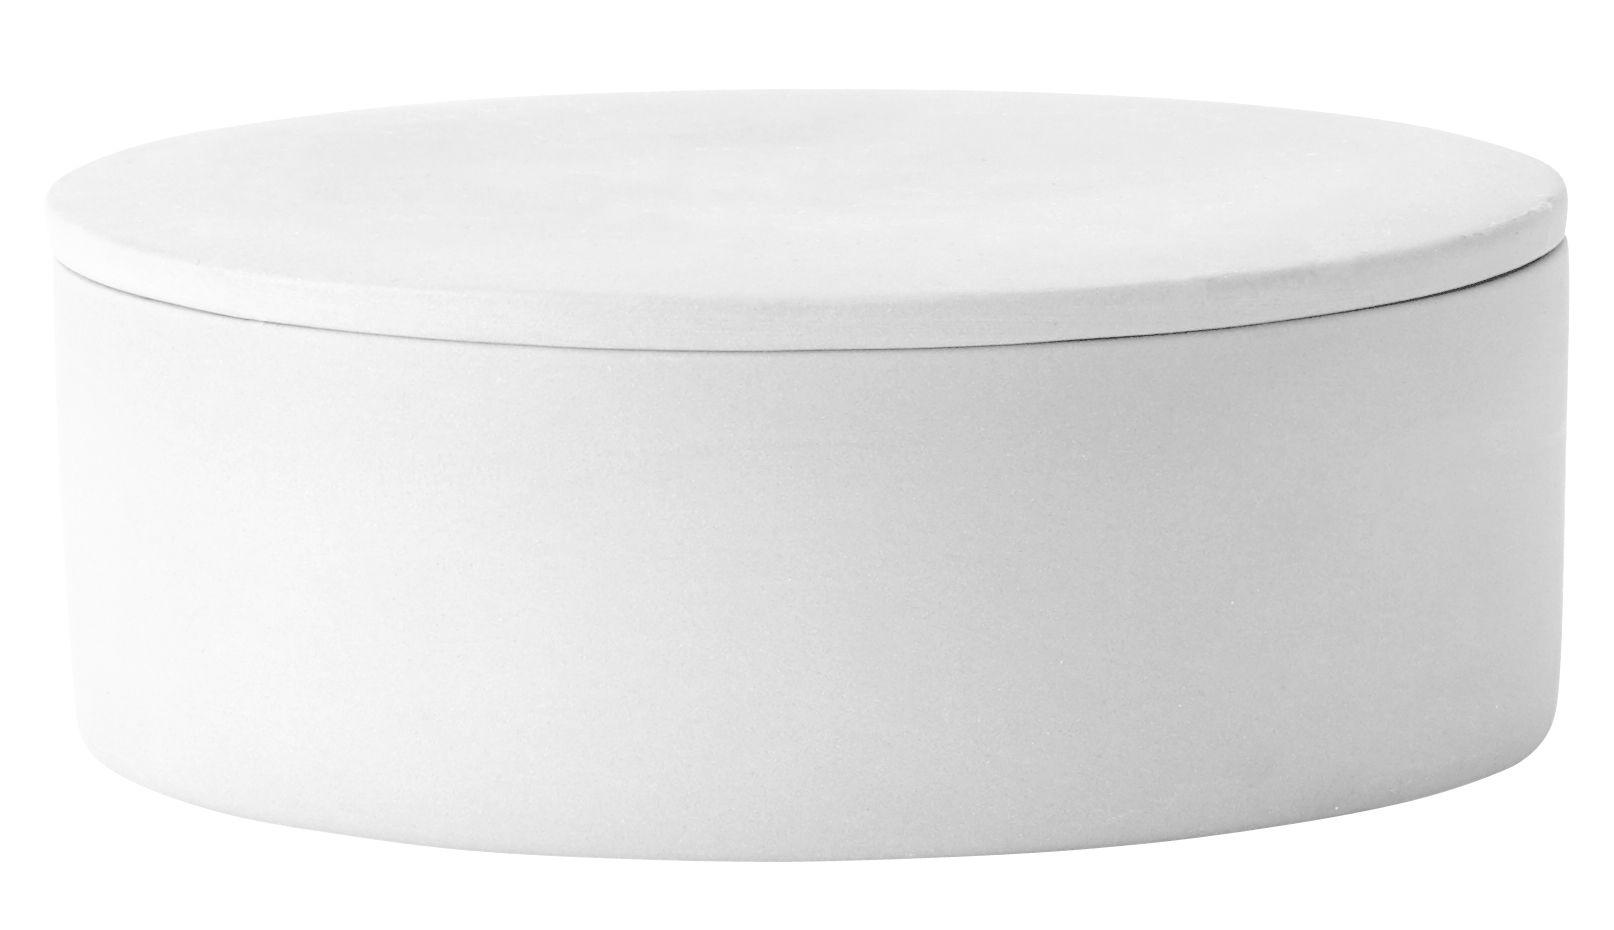 Déco - Vases - Couvercle / Pour vase Cylindrical Large - Ø 12 cm - Menu - Couvercle / Blanc - Argile